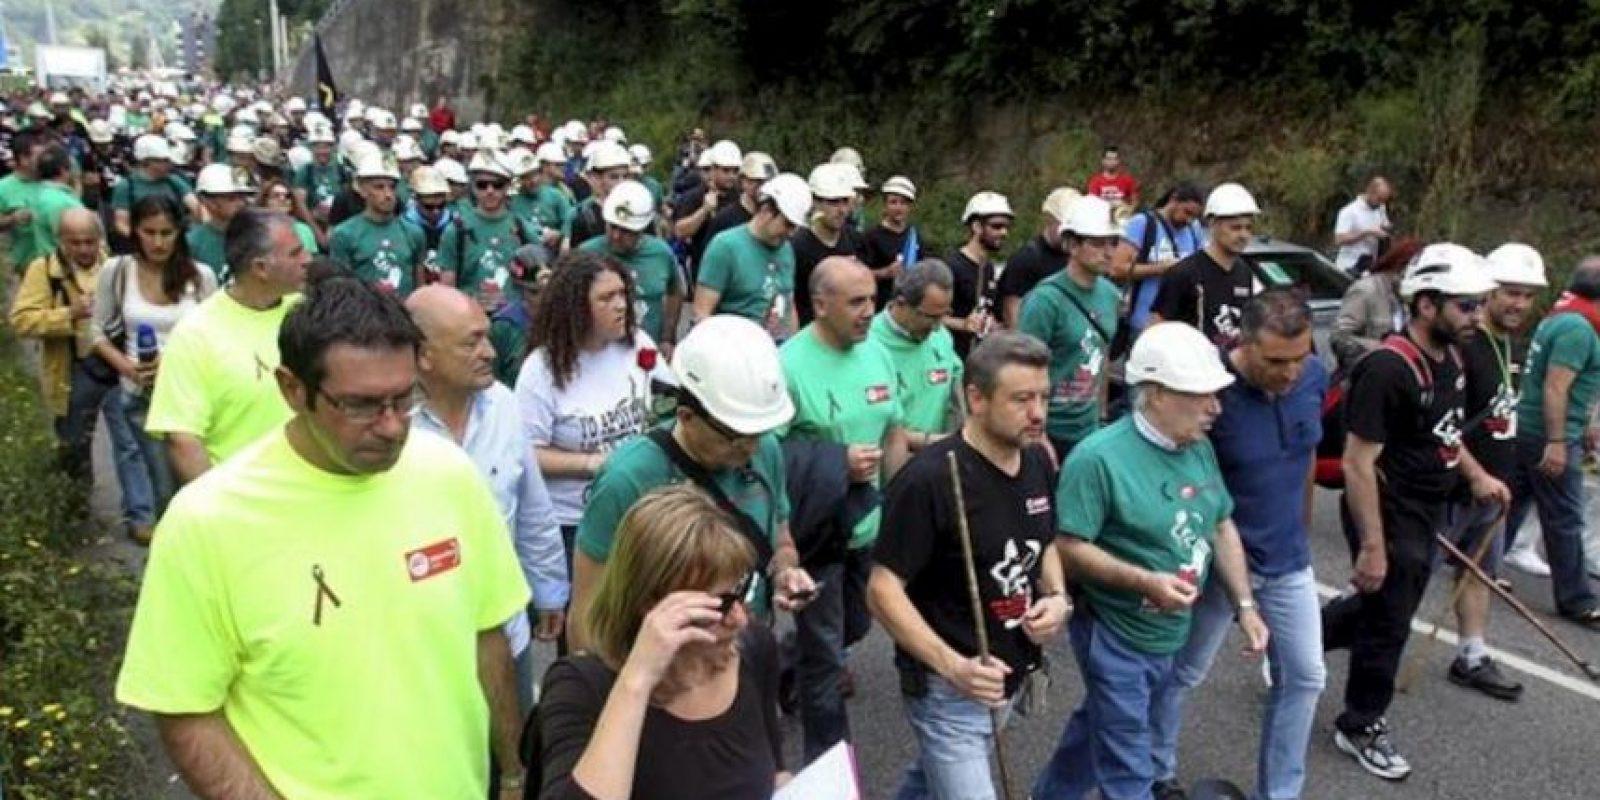 """Ochenta mineros salen hoy desde Mieres hacia Madrid en la denominada """"Marcha del Carbón"""" en el marco de la huelga contra los recortes del sector, que se sumarán a los más de doscientos que desde distintas localidades españolas cubrirán diecinueve etapas antes de llegar el 11 de julio a la capital de España, donde se llevará a cabo una manifestación. EFE"""